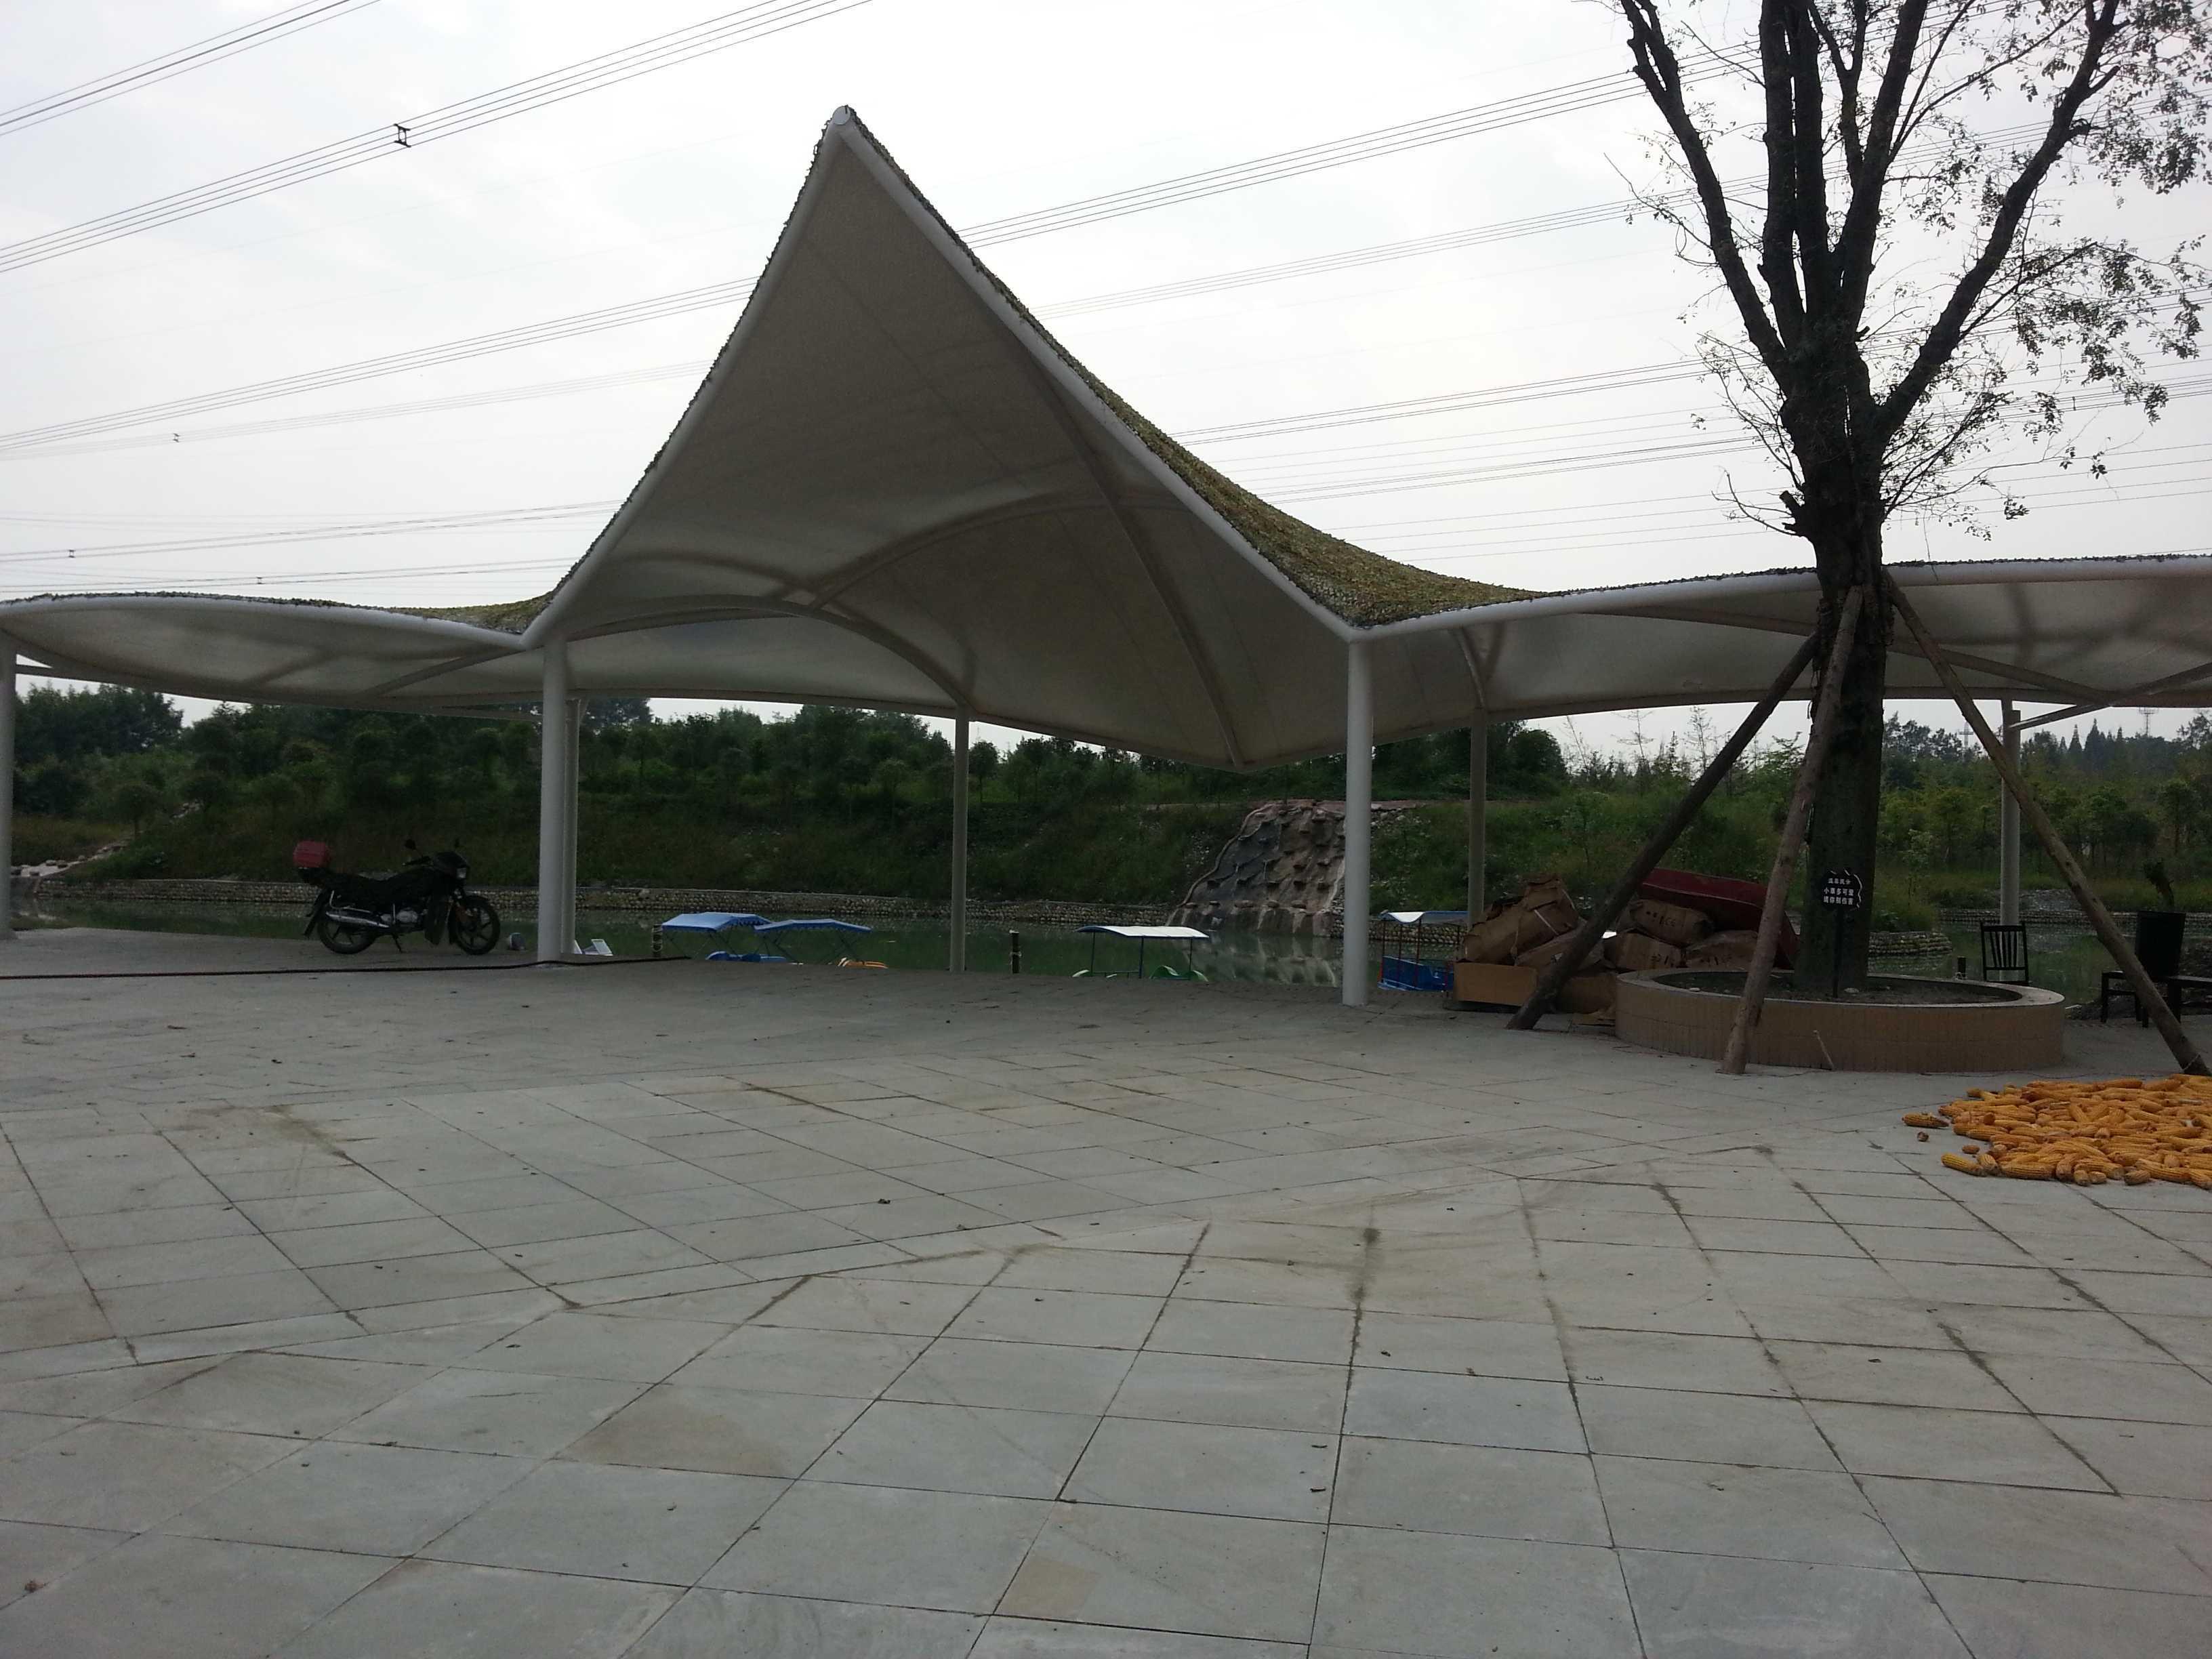 都江堰柳风休闲温泉酒店广场景观膜结构竣工图